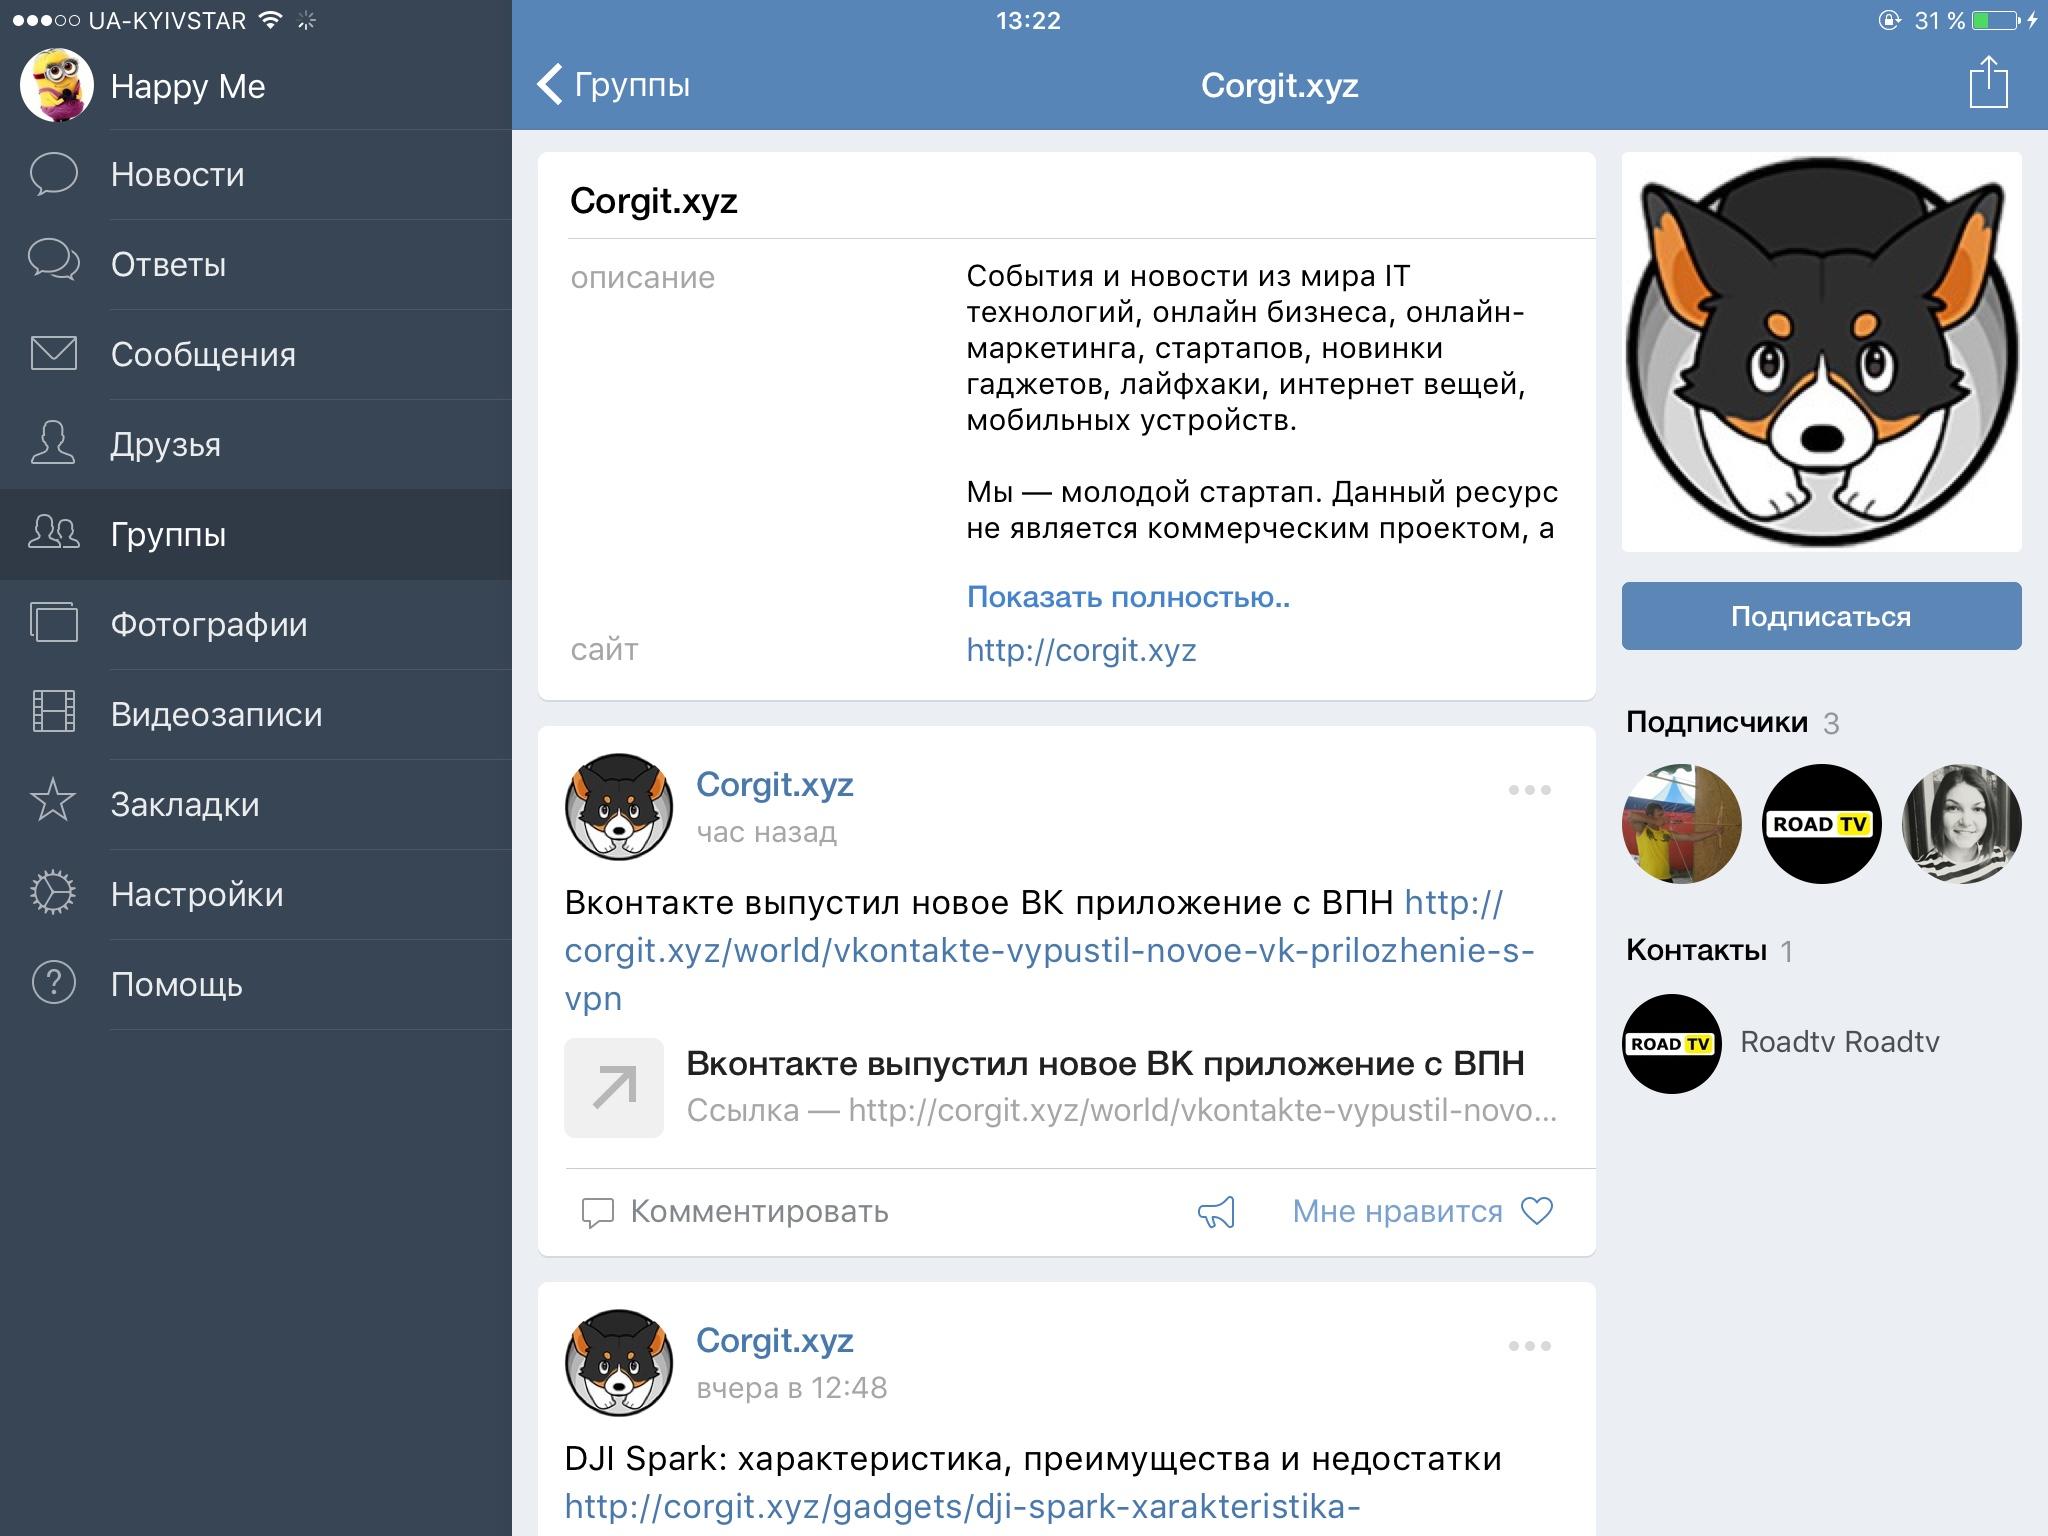 Вконтакте выпустил новое ВК приложение с ВПН